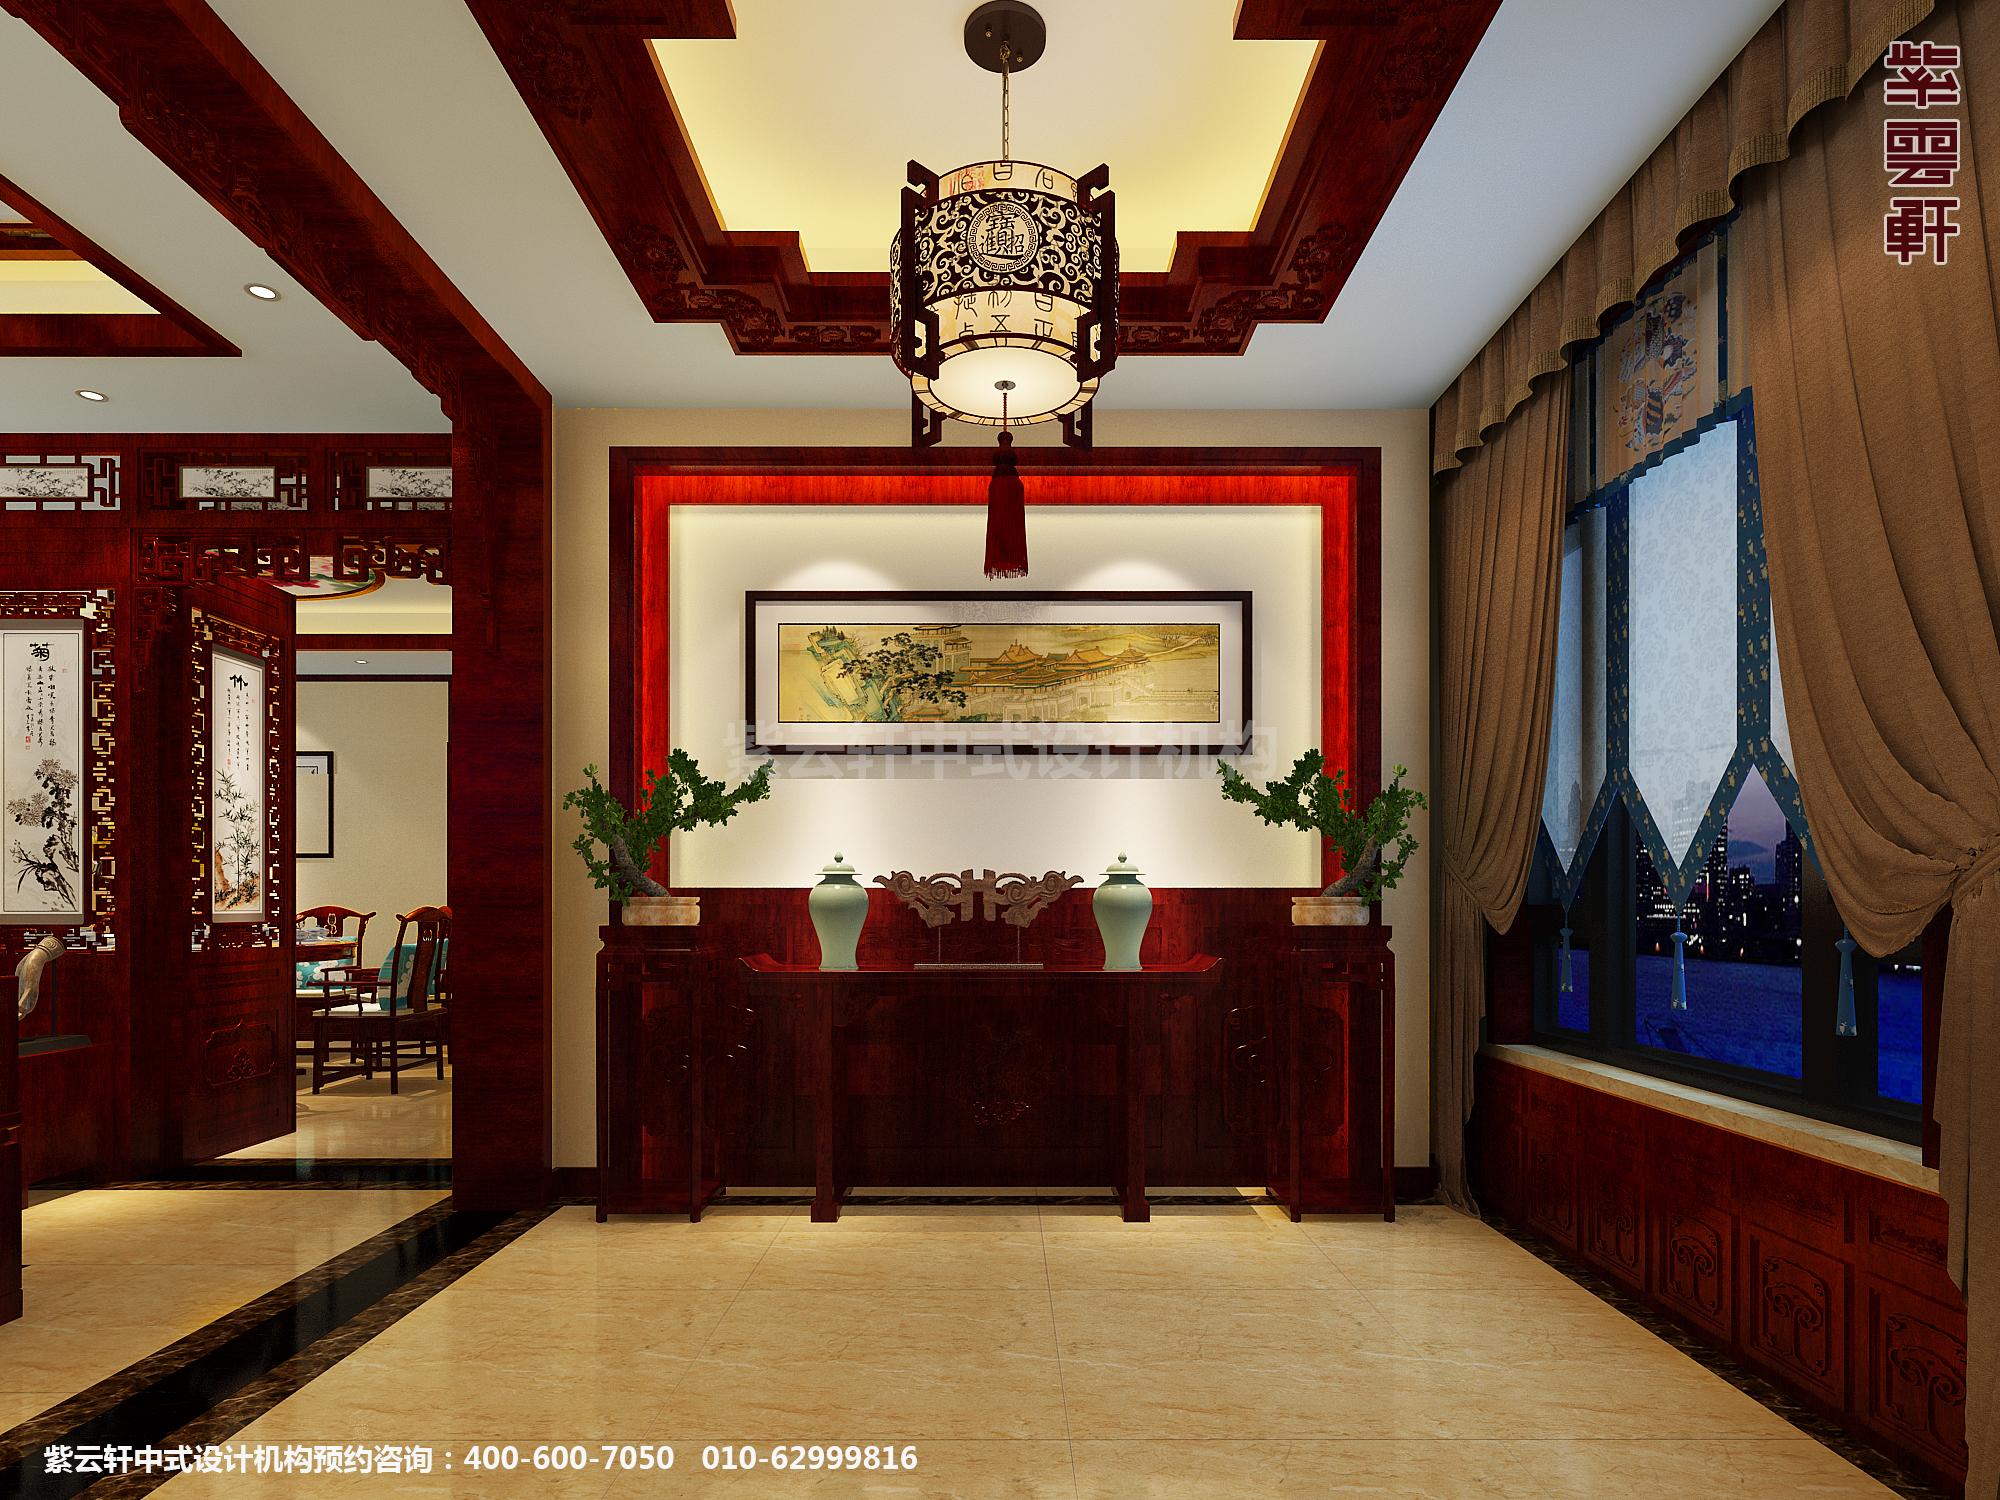 中式装修首页 别墅装修 现代中式装饰